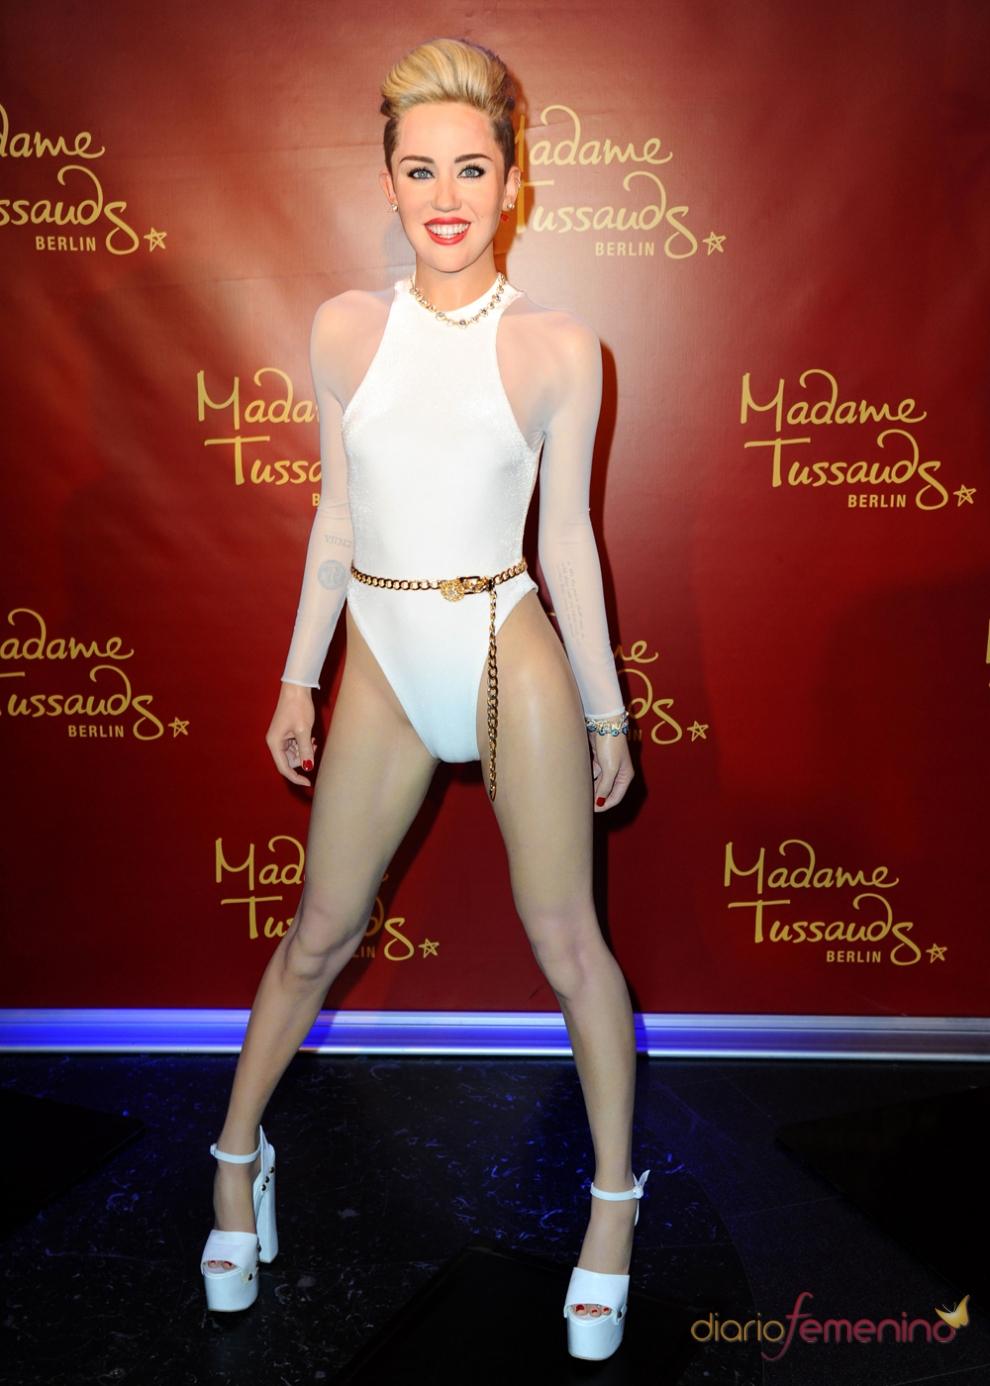 La figura de cera de Miley Cyrus, demasiado recatada comparada con la original